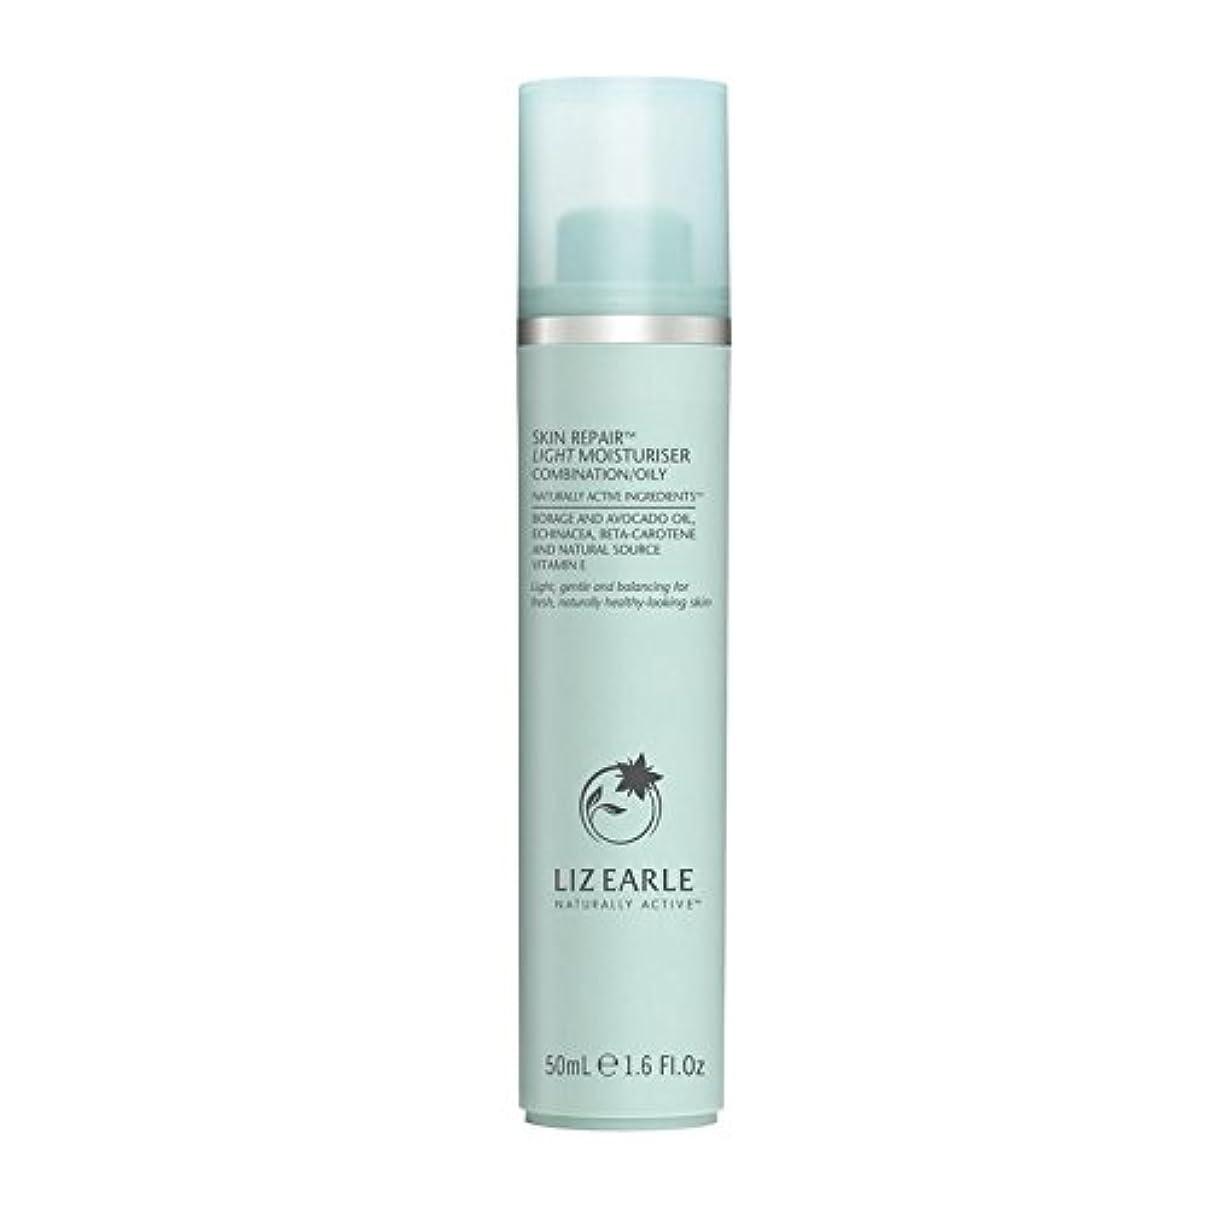 ゆり連鎖堂々たるリズアールスキンリペア光の保湿剤の組み合わせ/油性50ミリリットル x2 - Liz Earle Skin Repair Light Moisturiser Combination/Oily 50ml (Pack of...